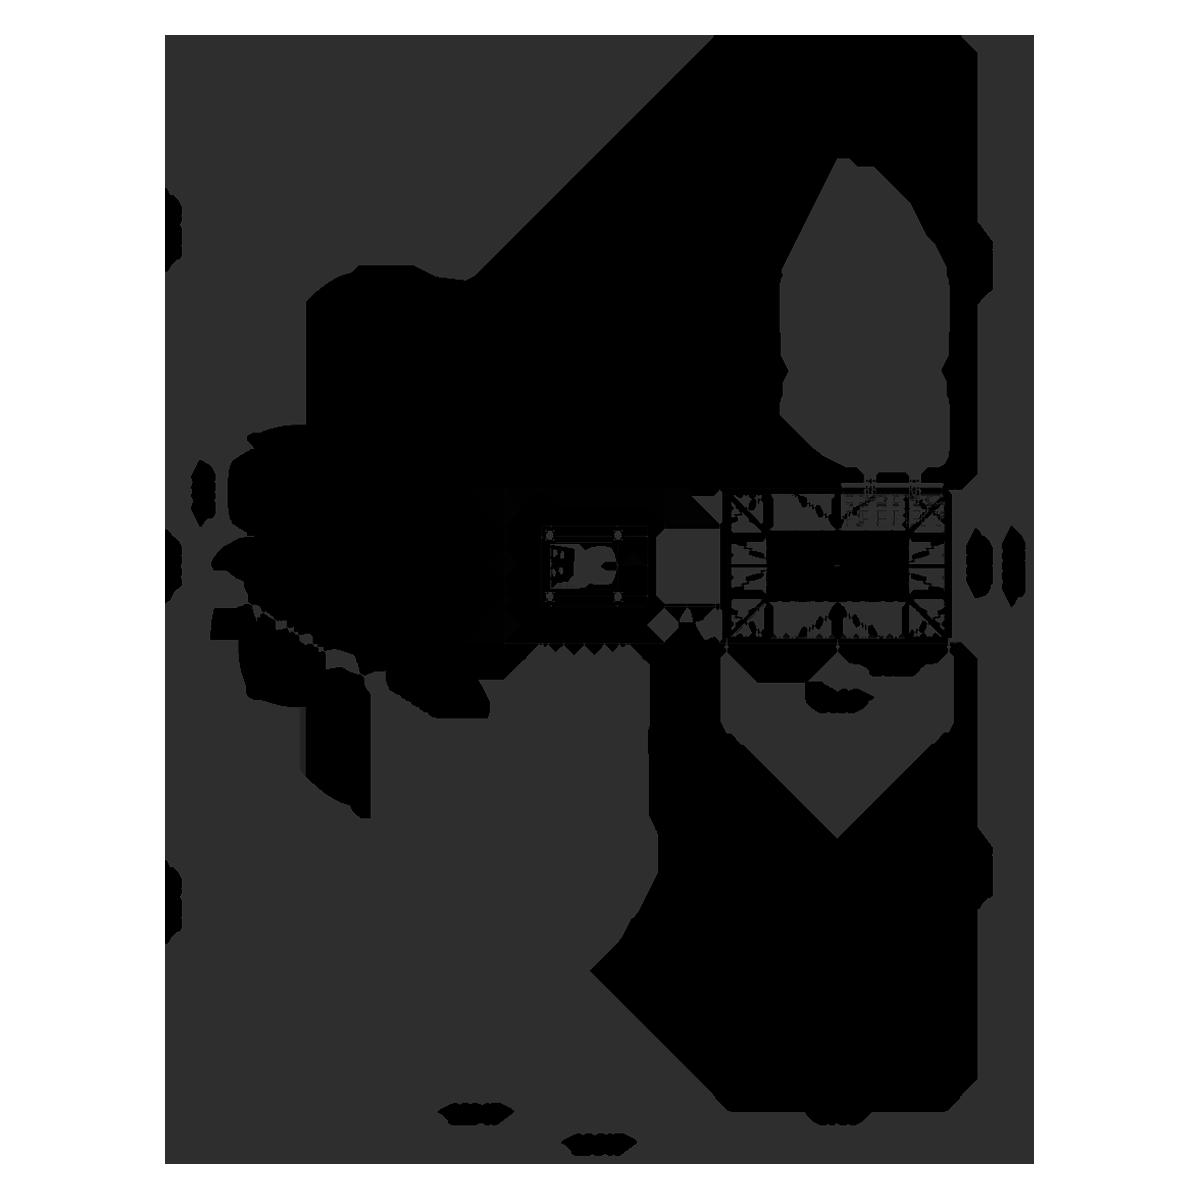 двухвальные бетоносмесители схема сборки